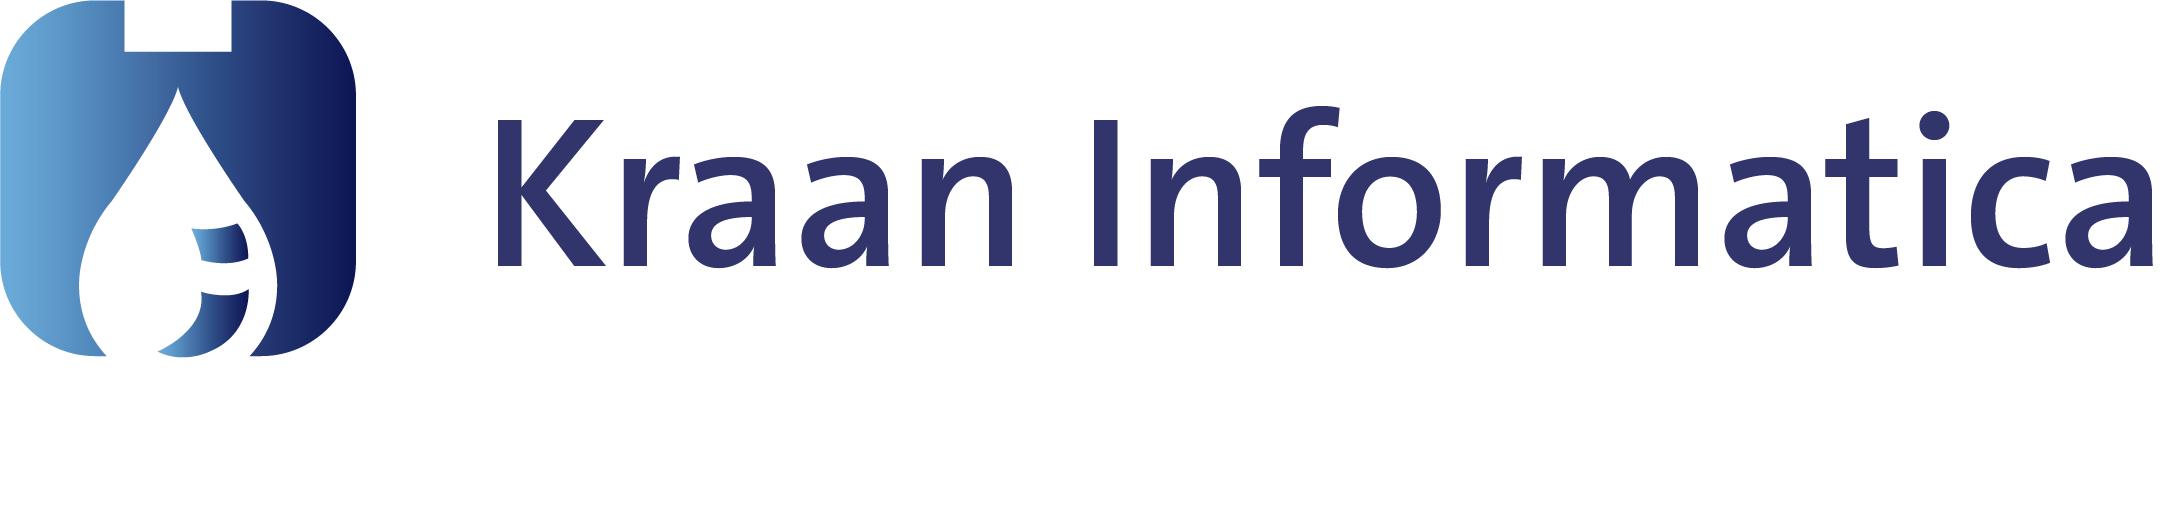 Kraan Informatica